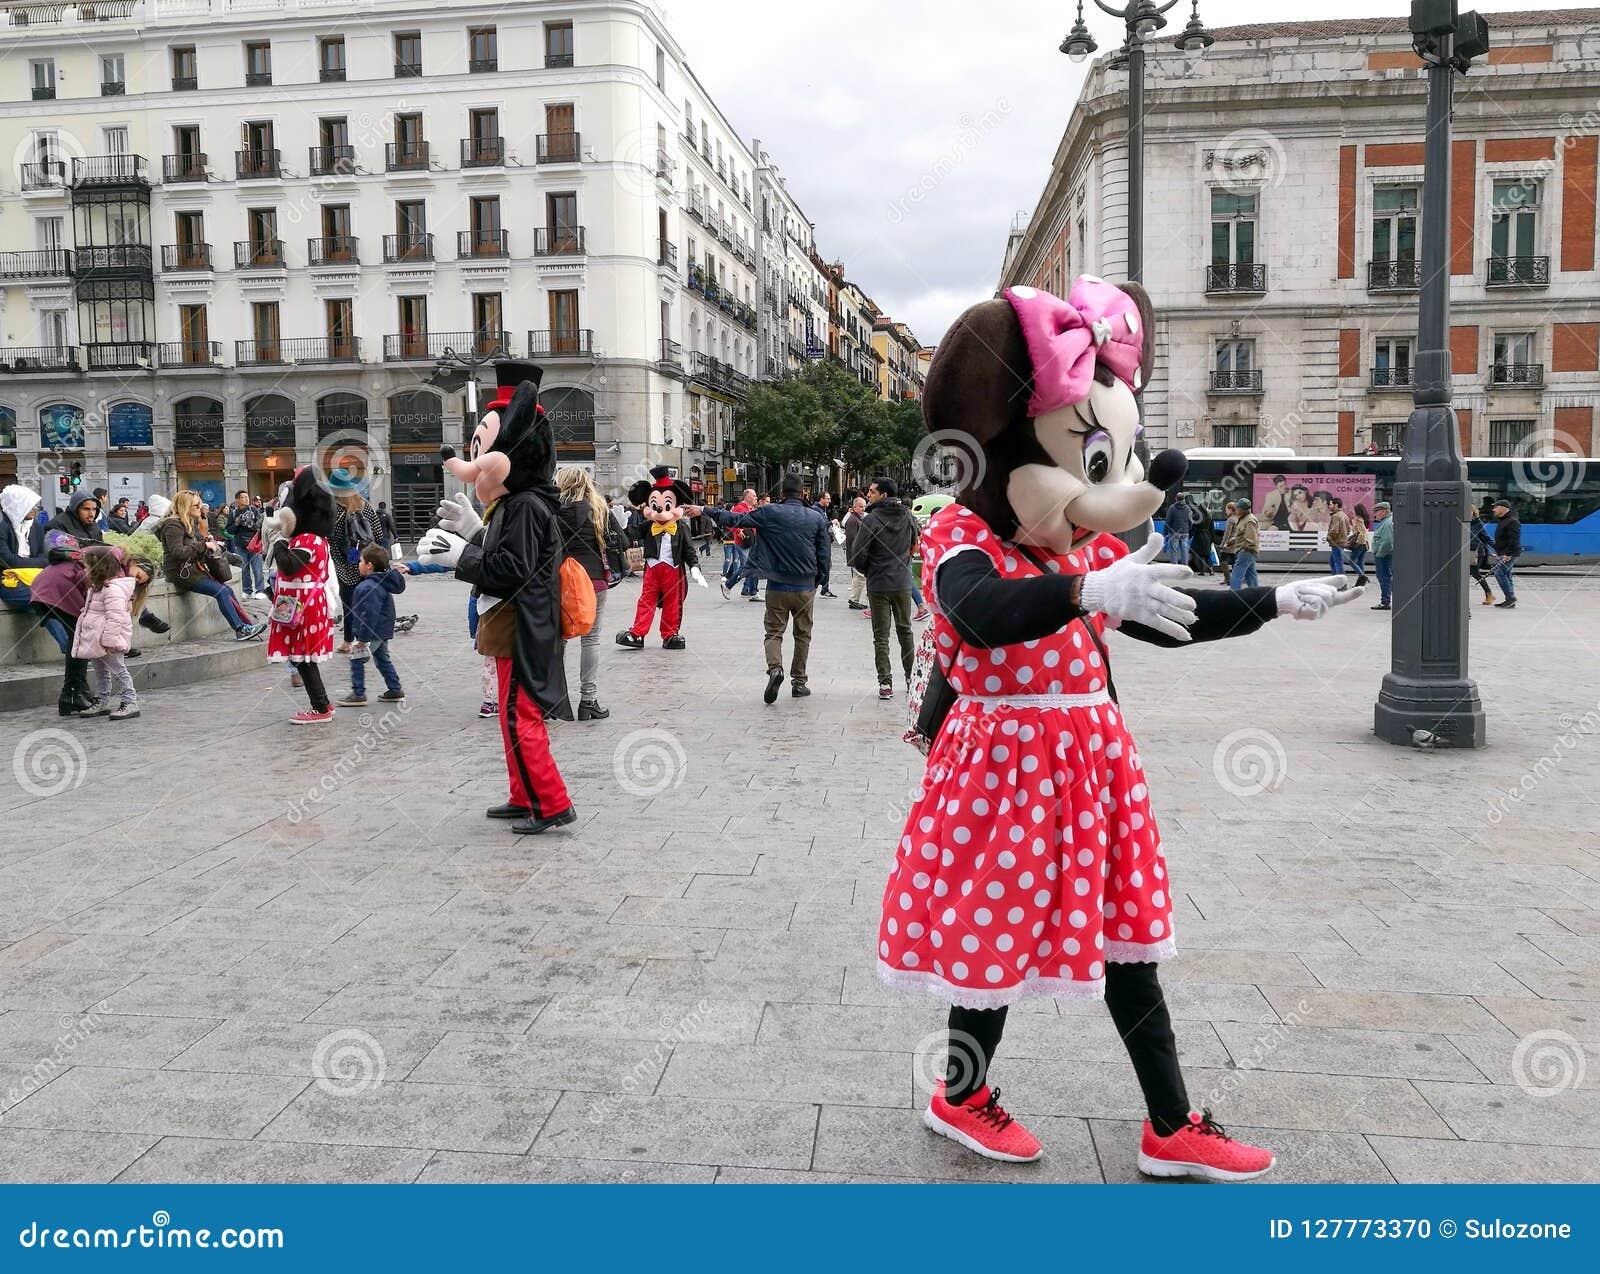 La gente en trajes de Minnie y de Mickey Mouse está caminando para entretener a turistas